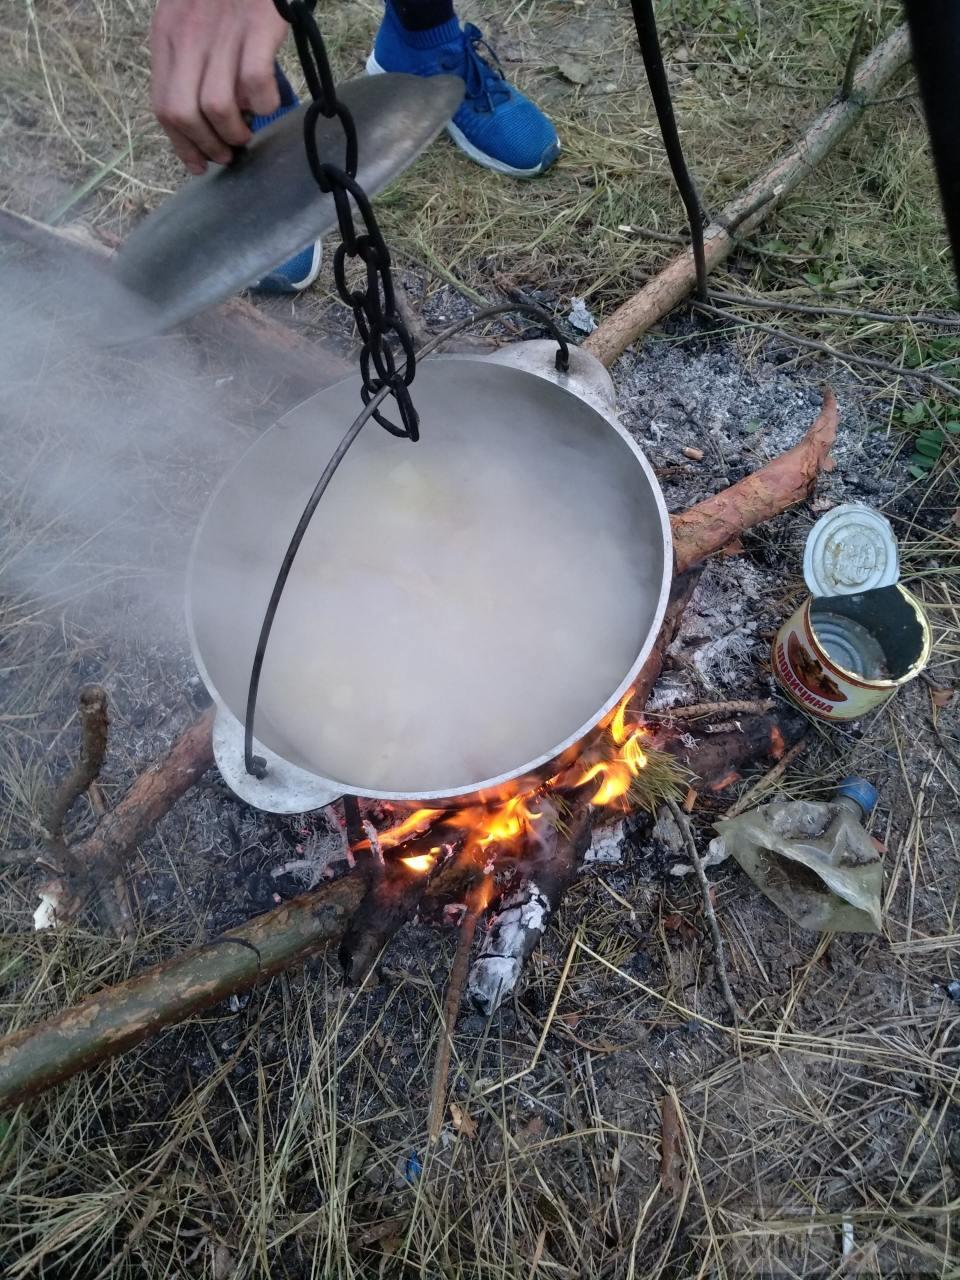 29406 - Закуски на огне (мангал, барбекю и т.д.) и кулинария вообще. Советы и рецепты.